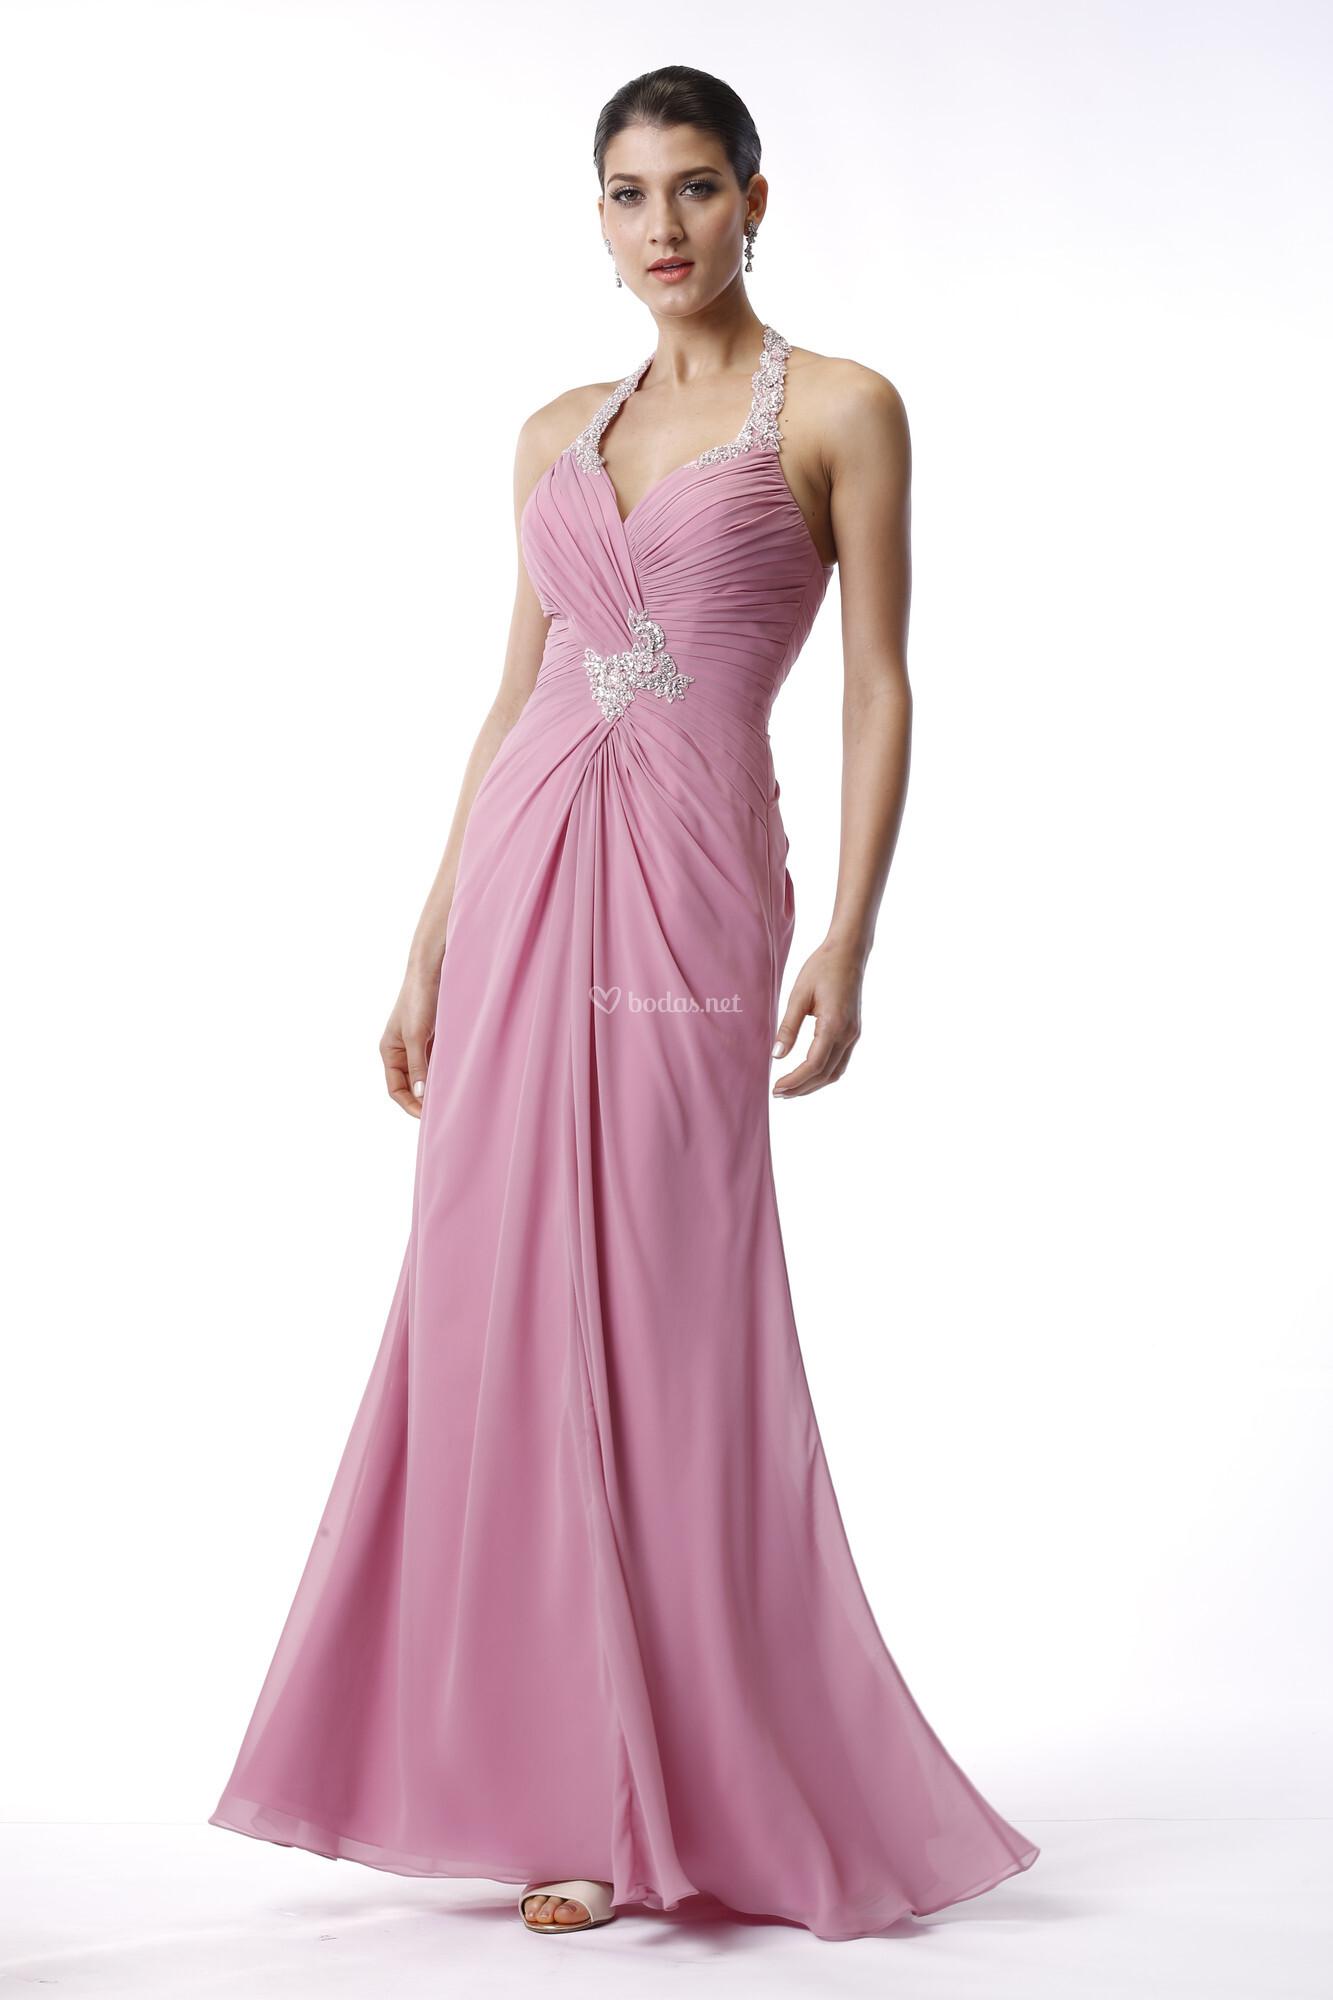 Asombroso Vestidos De Fiesta Venus Viñeta - Colección de Vestidos de ...